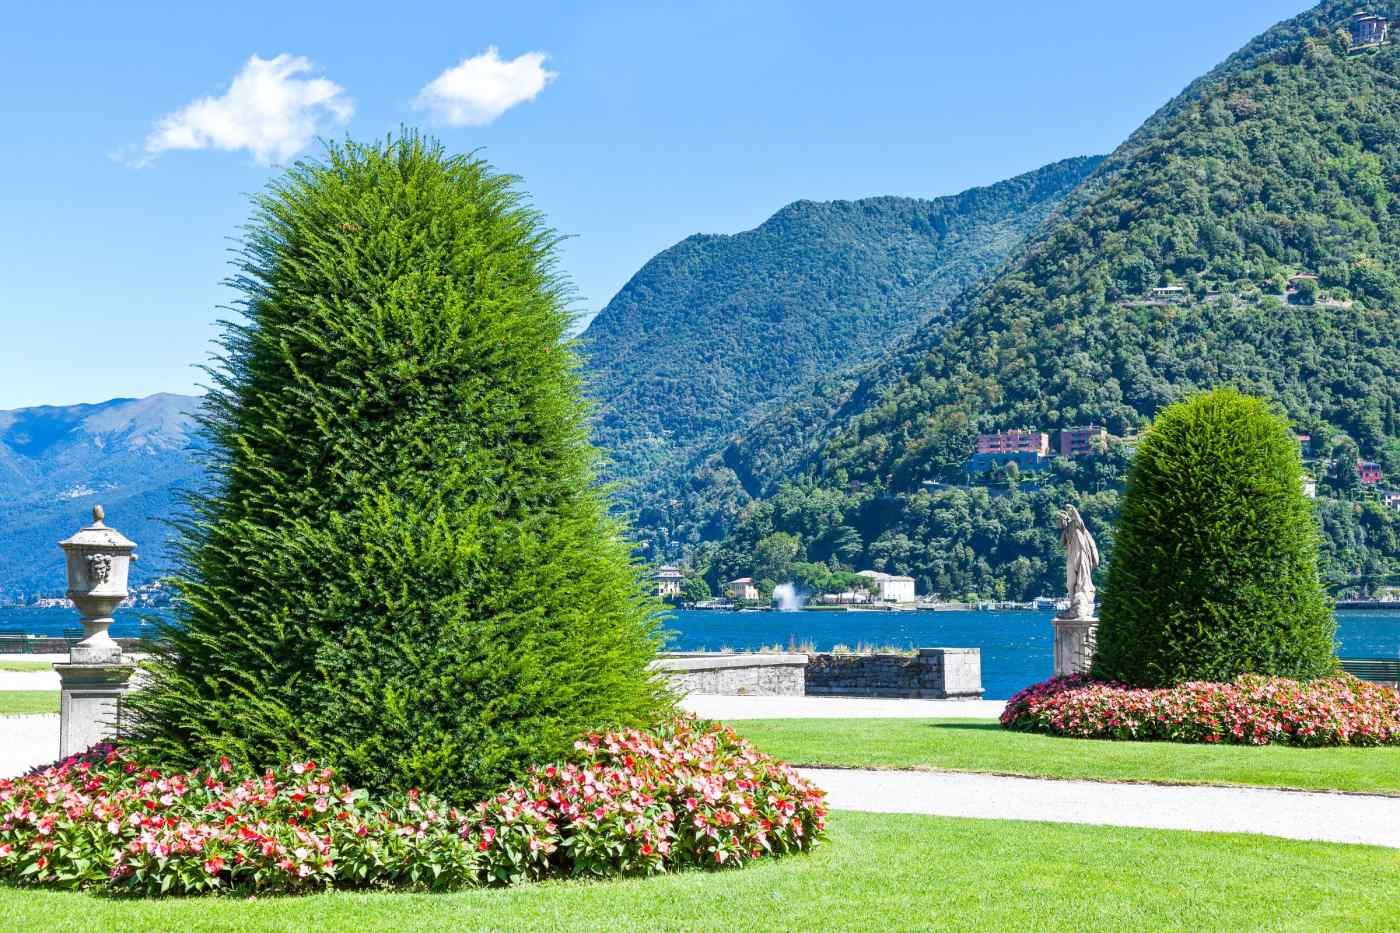 Villa Olmo gardens